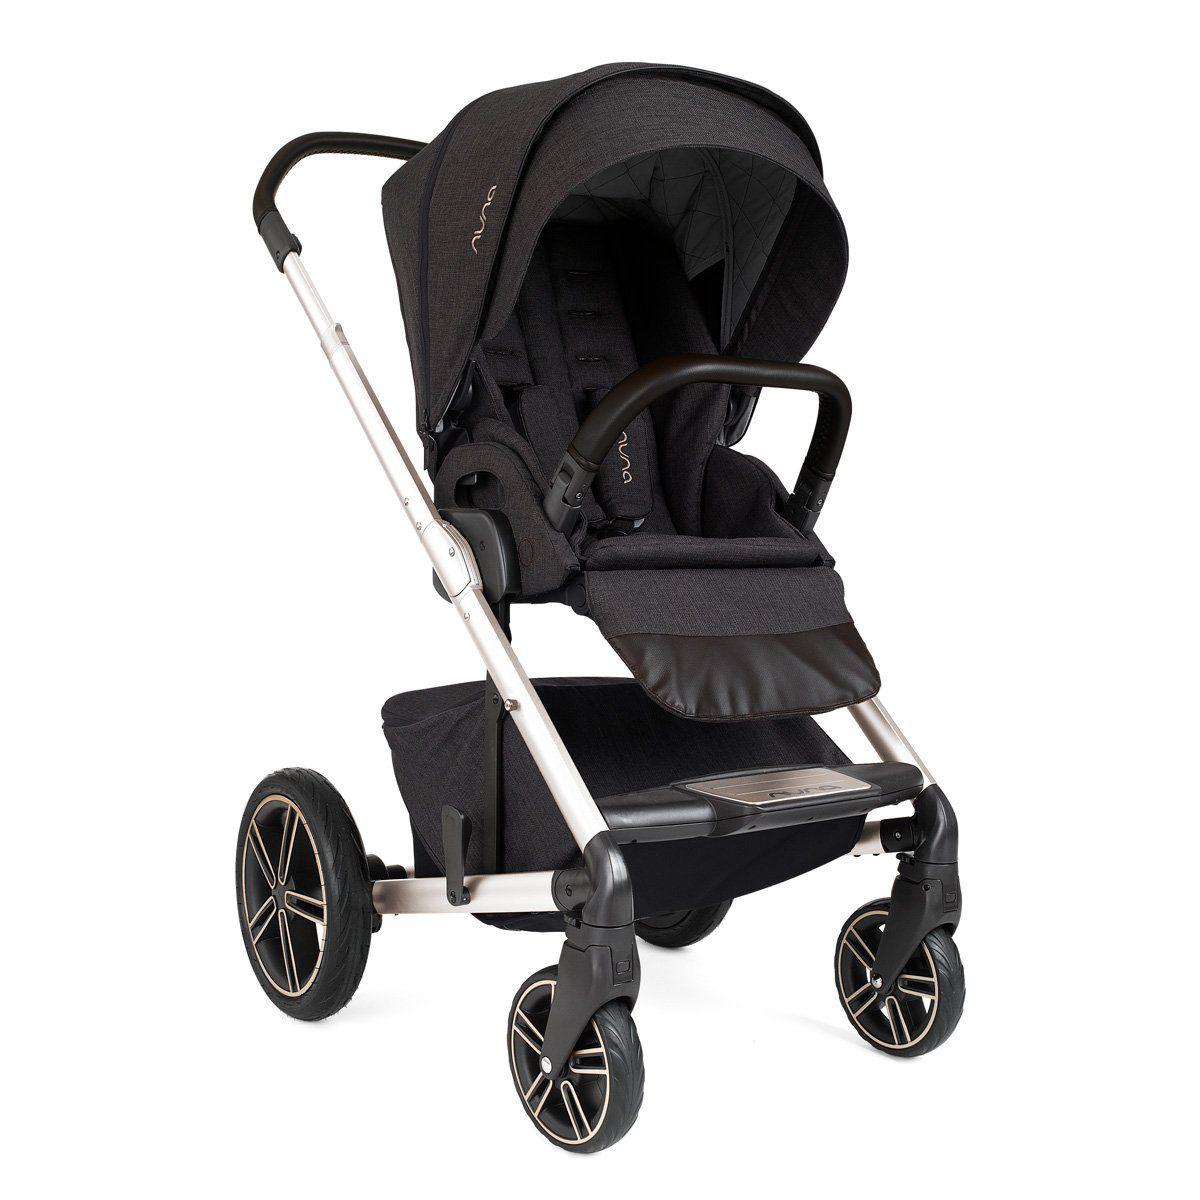 Nuna Mixx2 Stroller Suited Baby car seats, Car seats